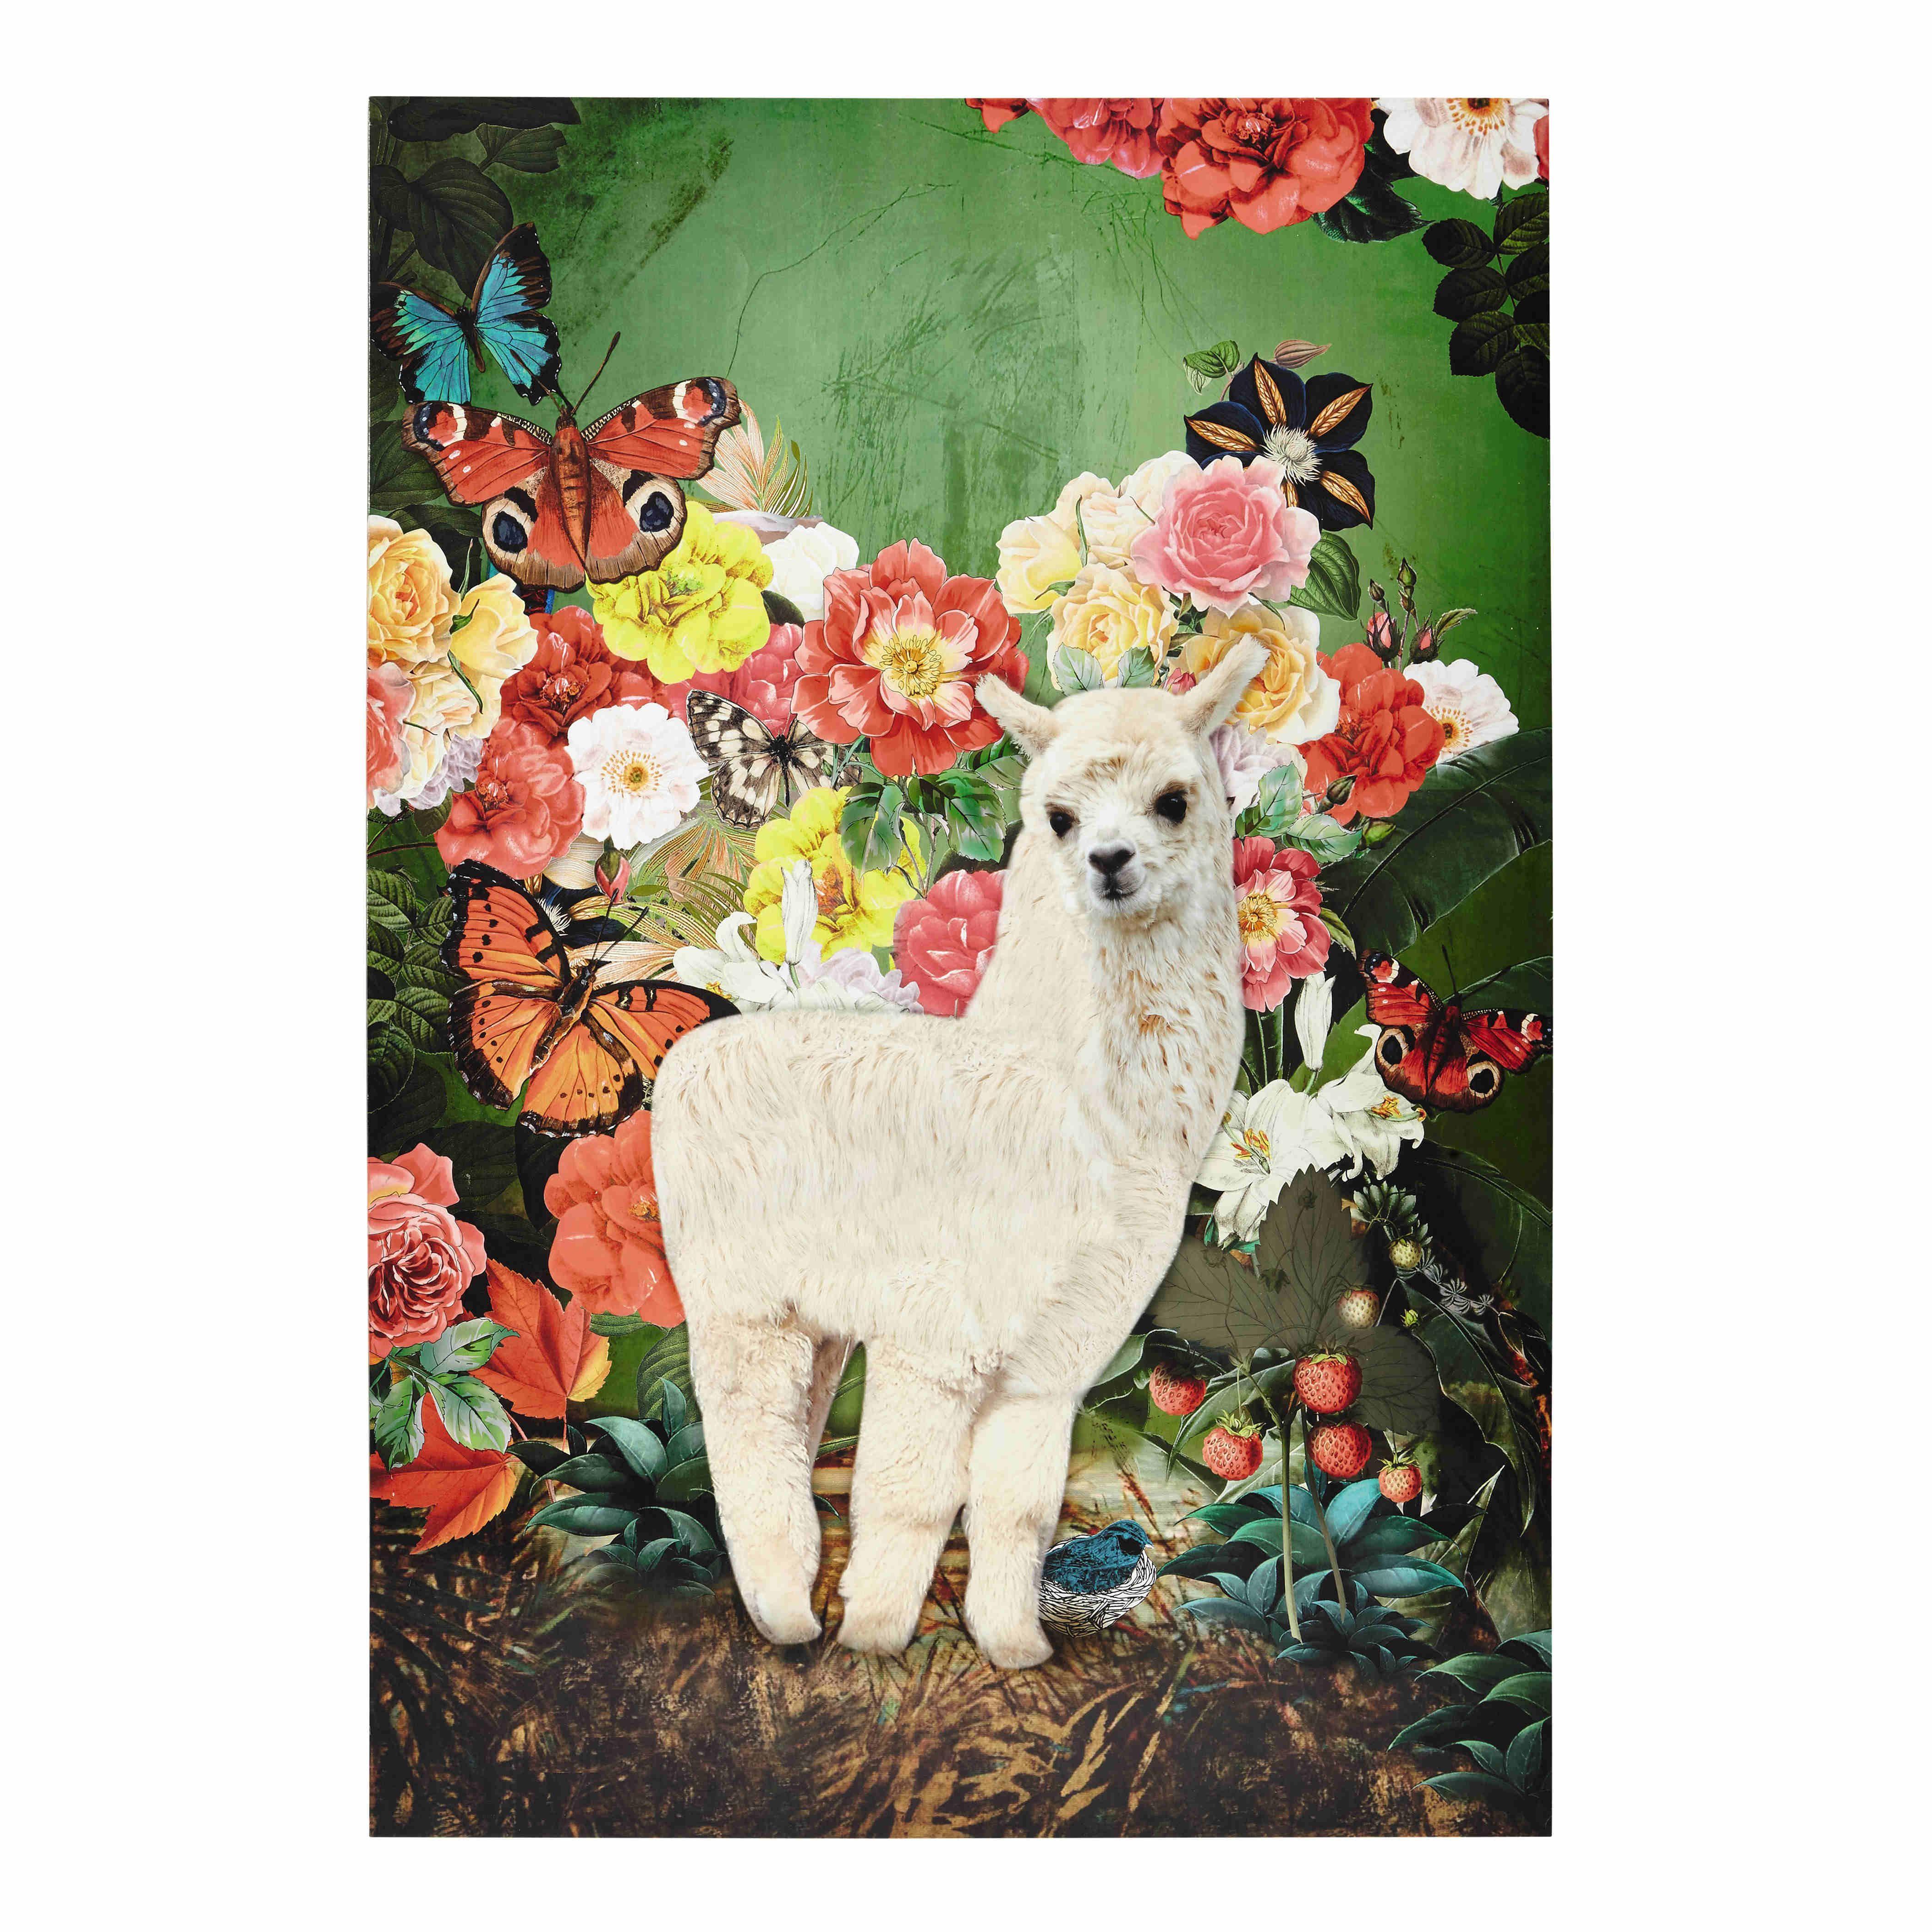 Leinwandbild SANTA ROSA mit Lama, 90 x 130 cm Jetzt bestellen unter ...